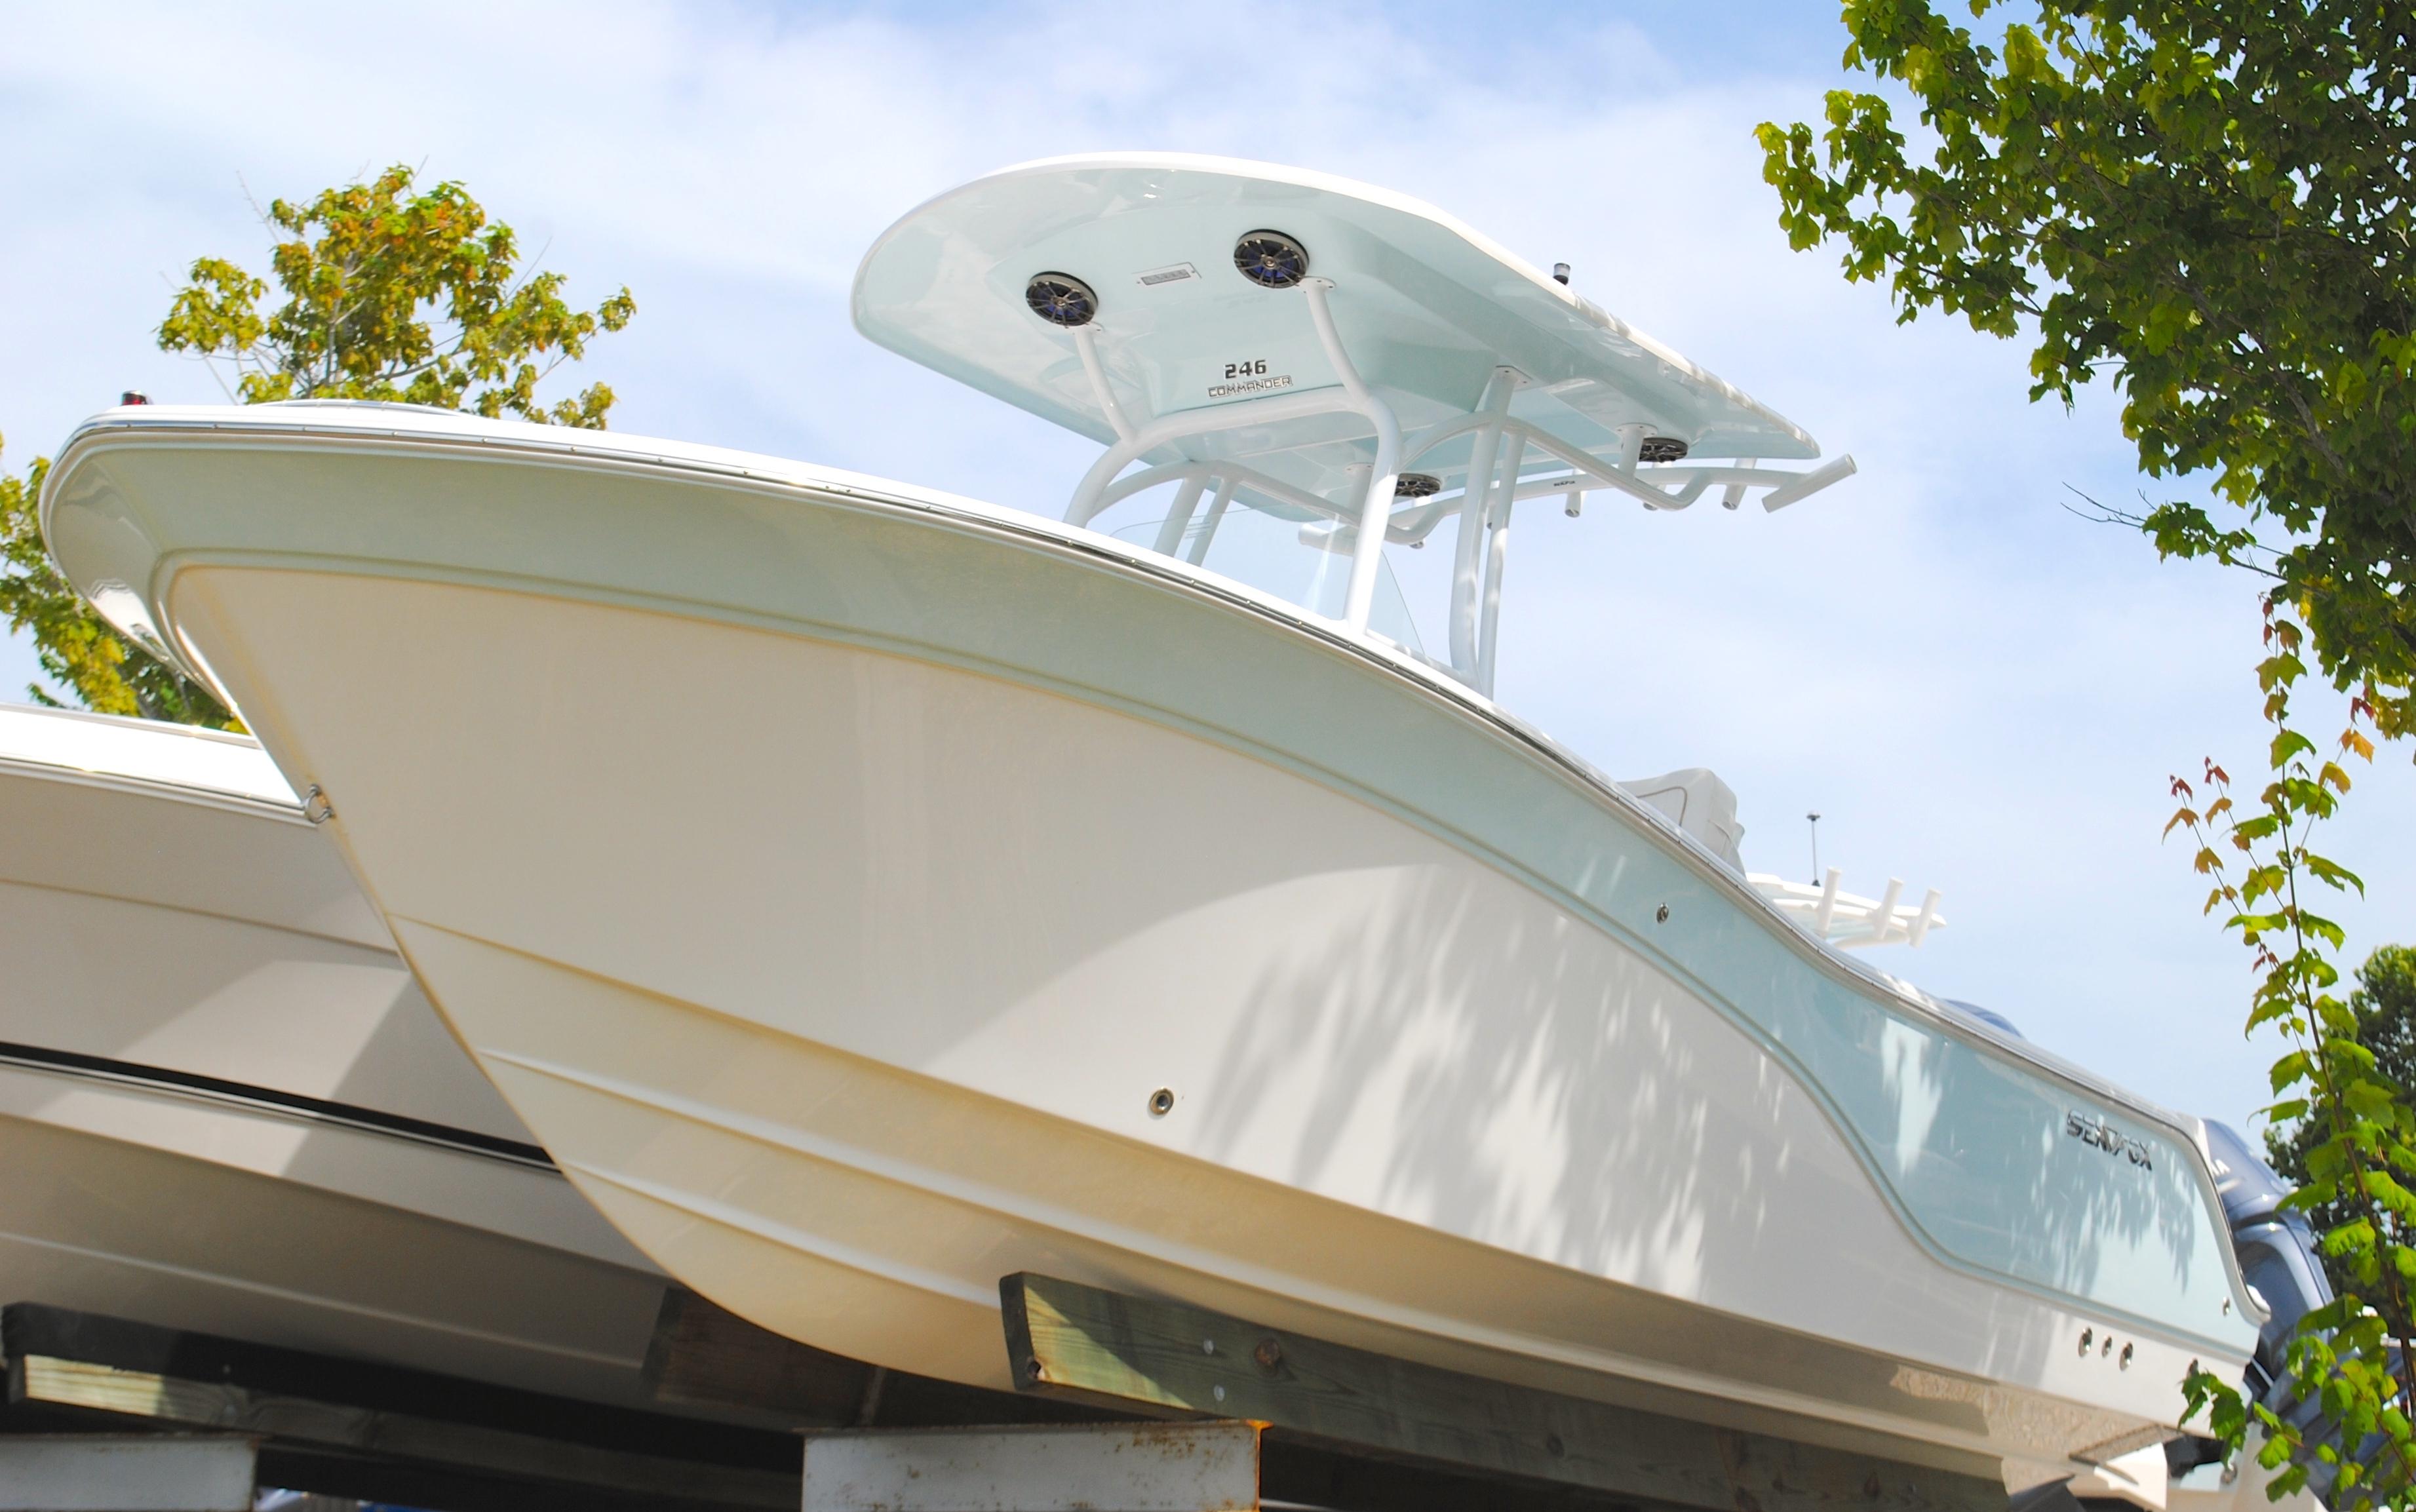 boat invoice prices seafox boats2014 dealer invoice sale destin sunrise marine 3686 X 2307